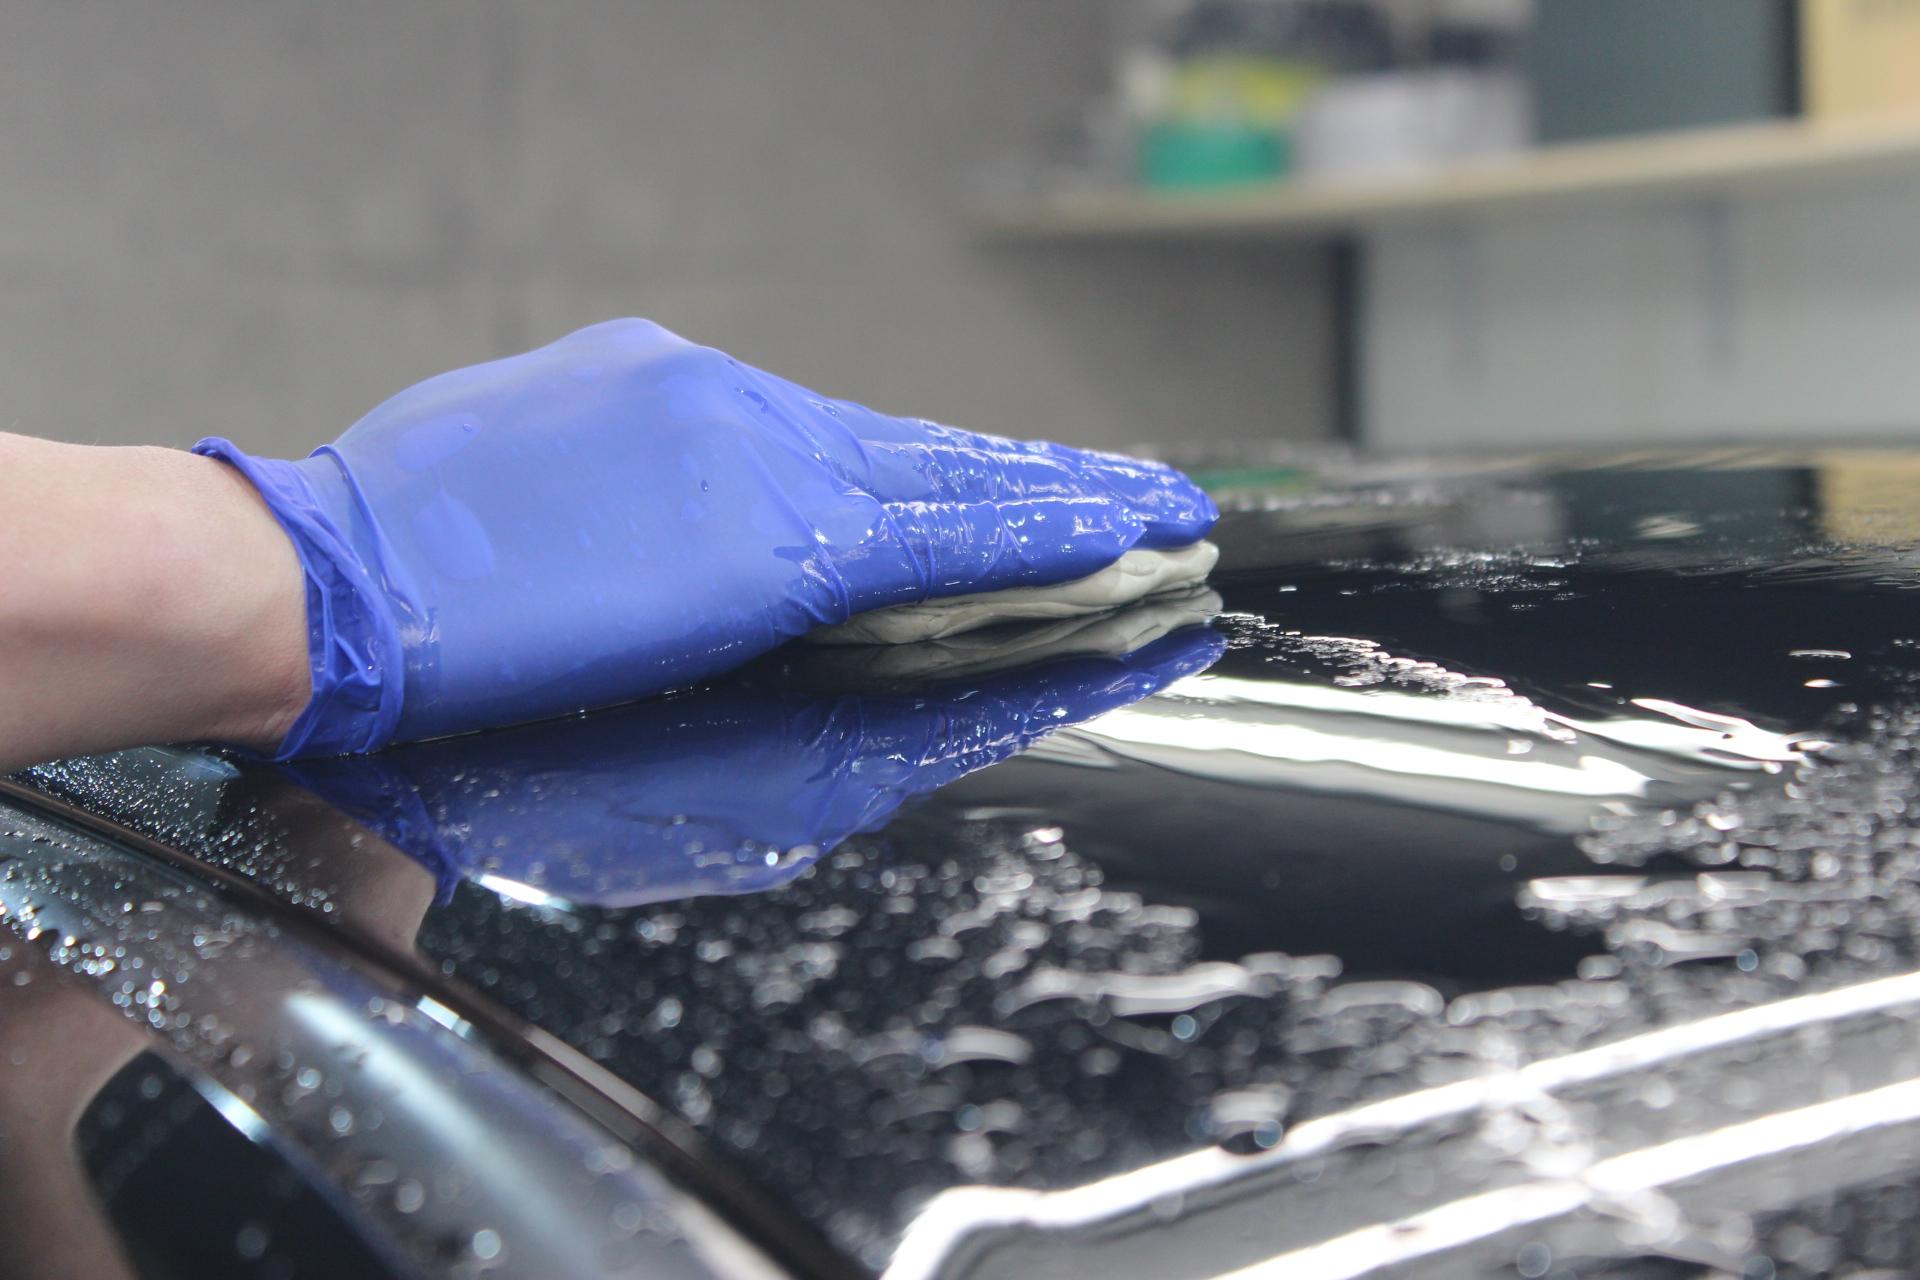 鉄粉が突き刺さった場合の対処方法